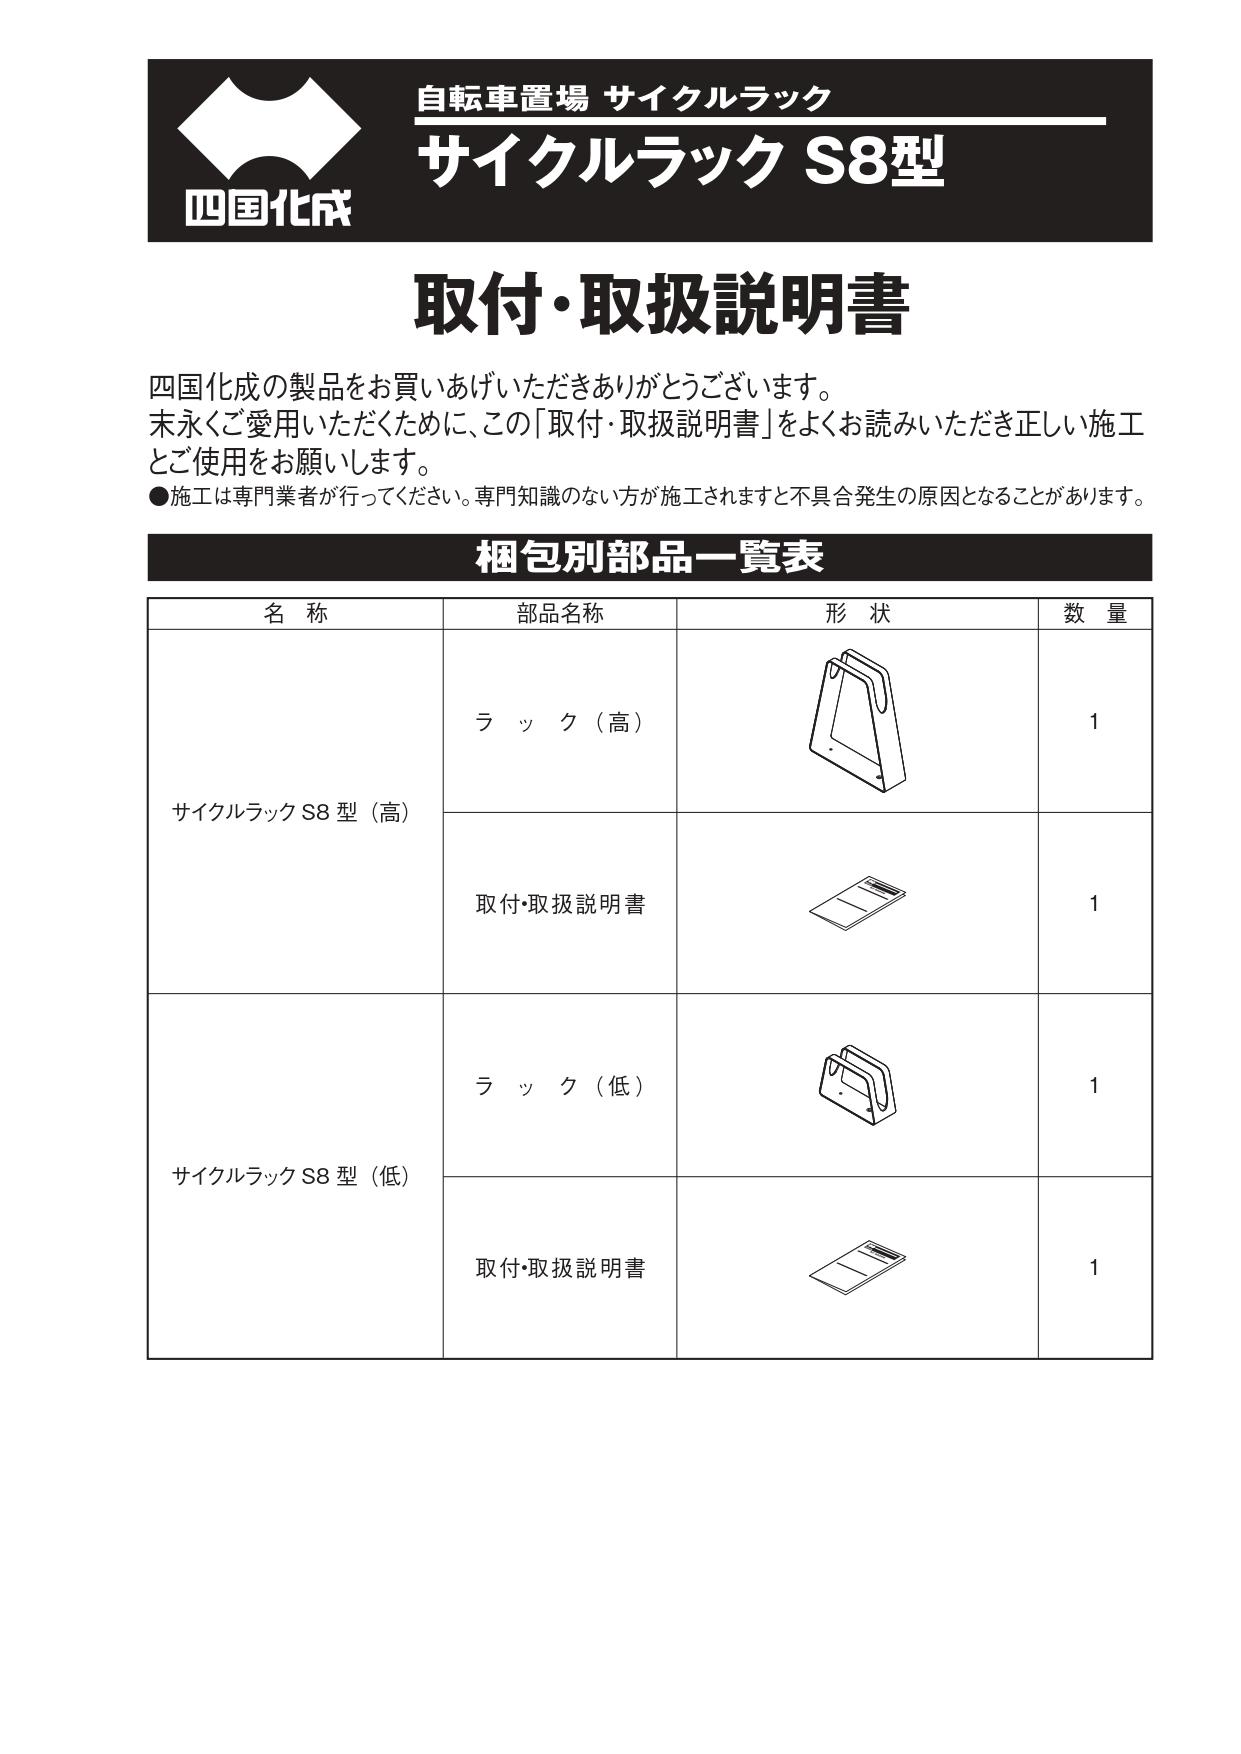 サイクルラックS8型 施工説明書_page-0001